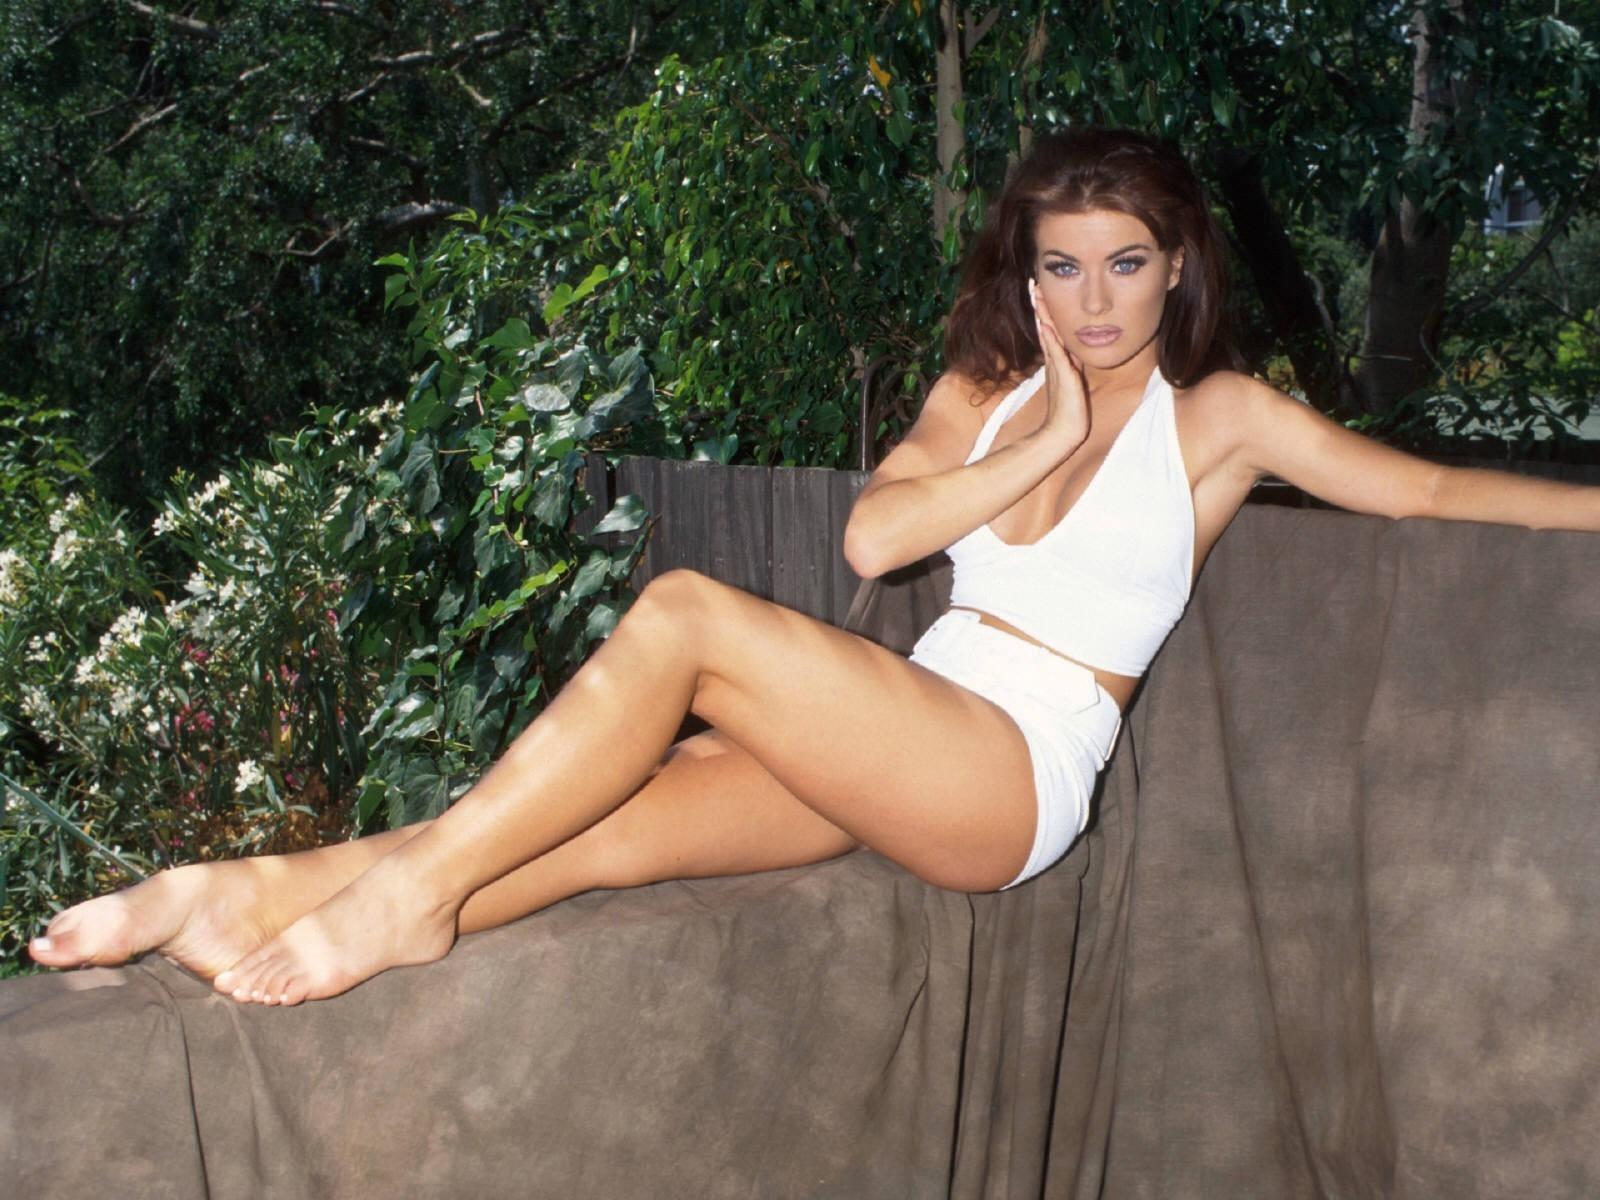 Wallpaper di Carmen Electra - l'attrice è nata il 20 Aprile 1972 sotto il segno dell'Ariete